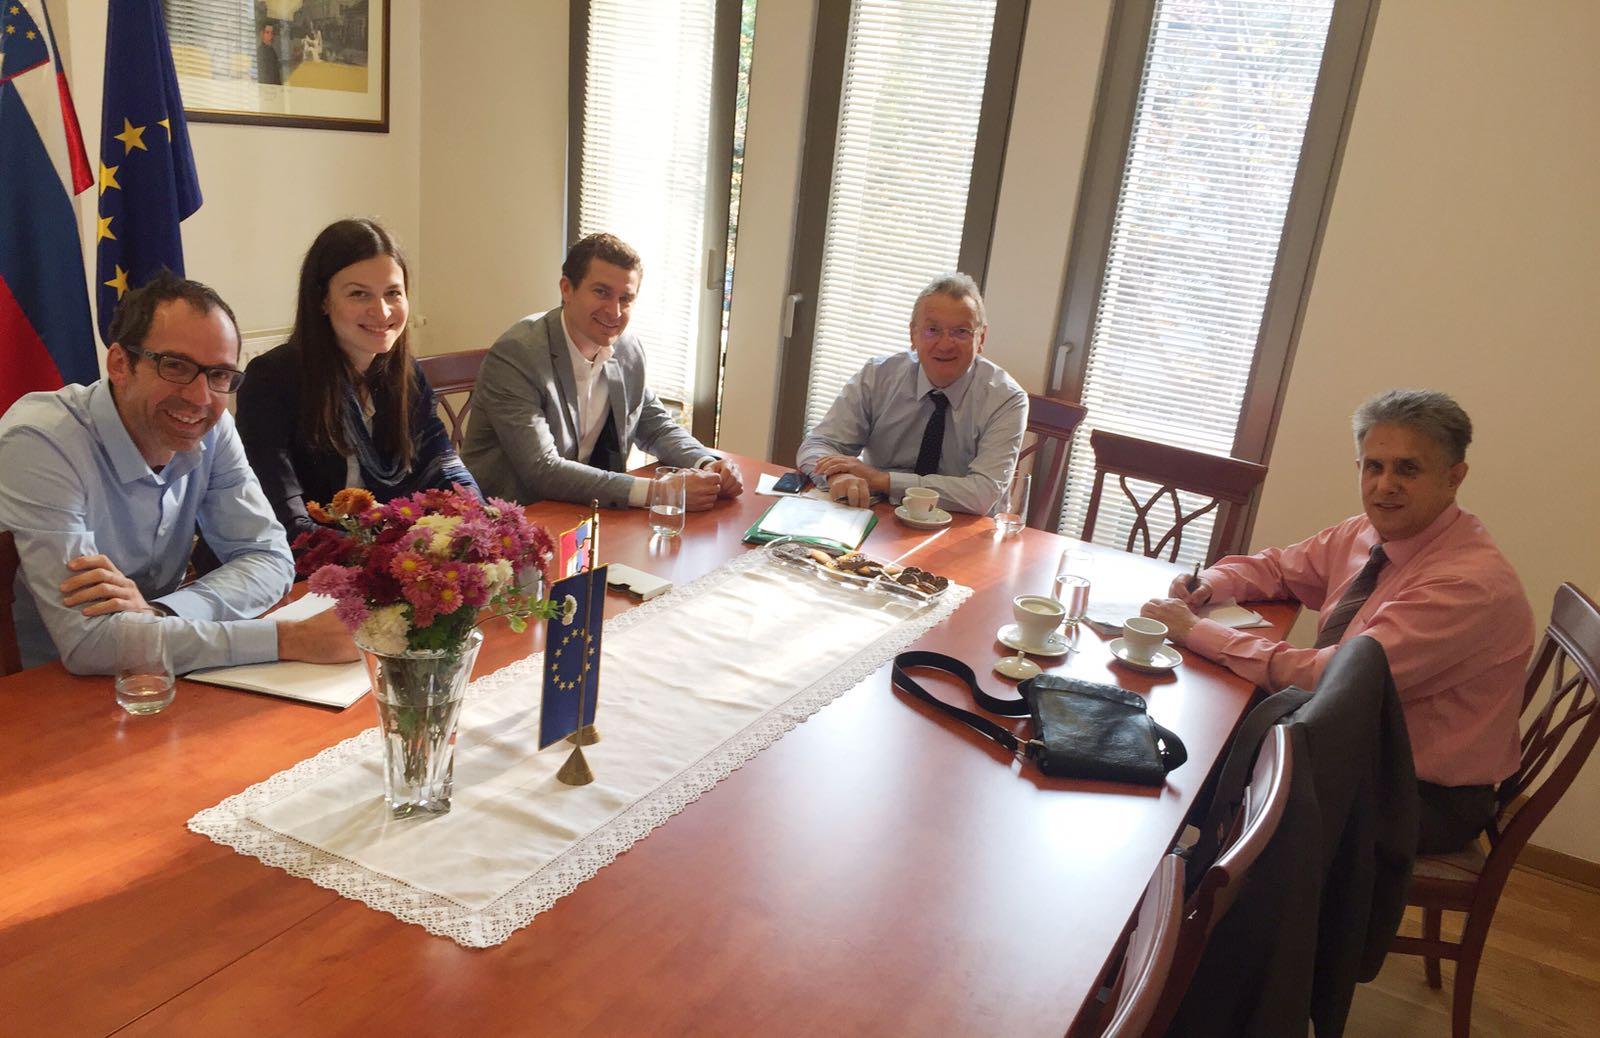 Sastanak u Ambasadi u Beogradu, foto: M.M.